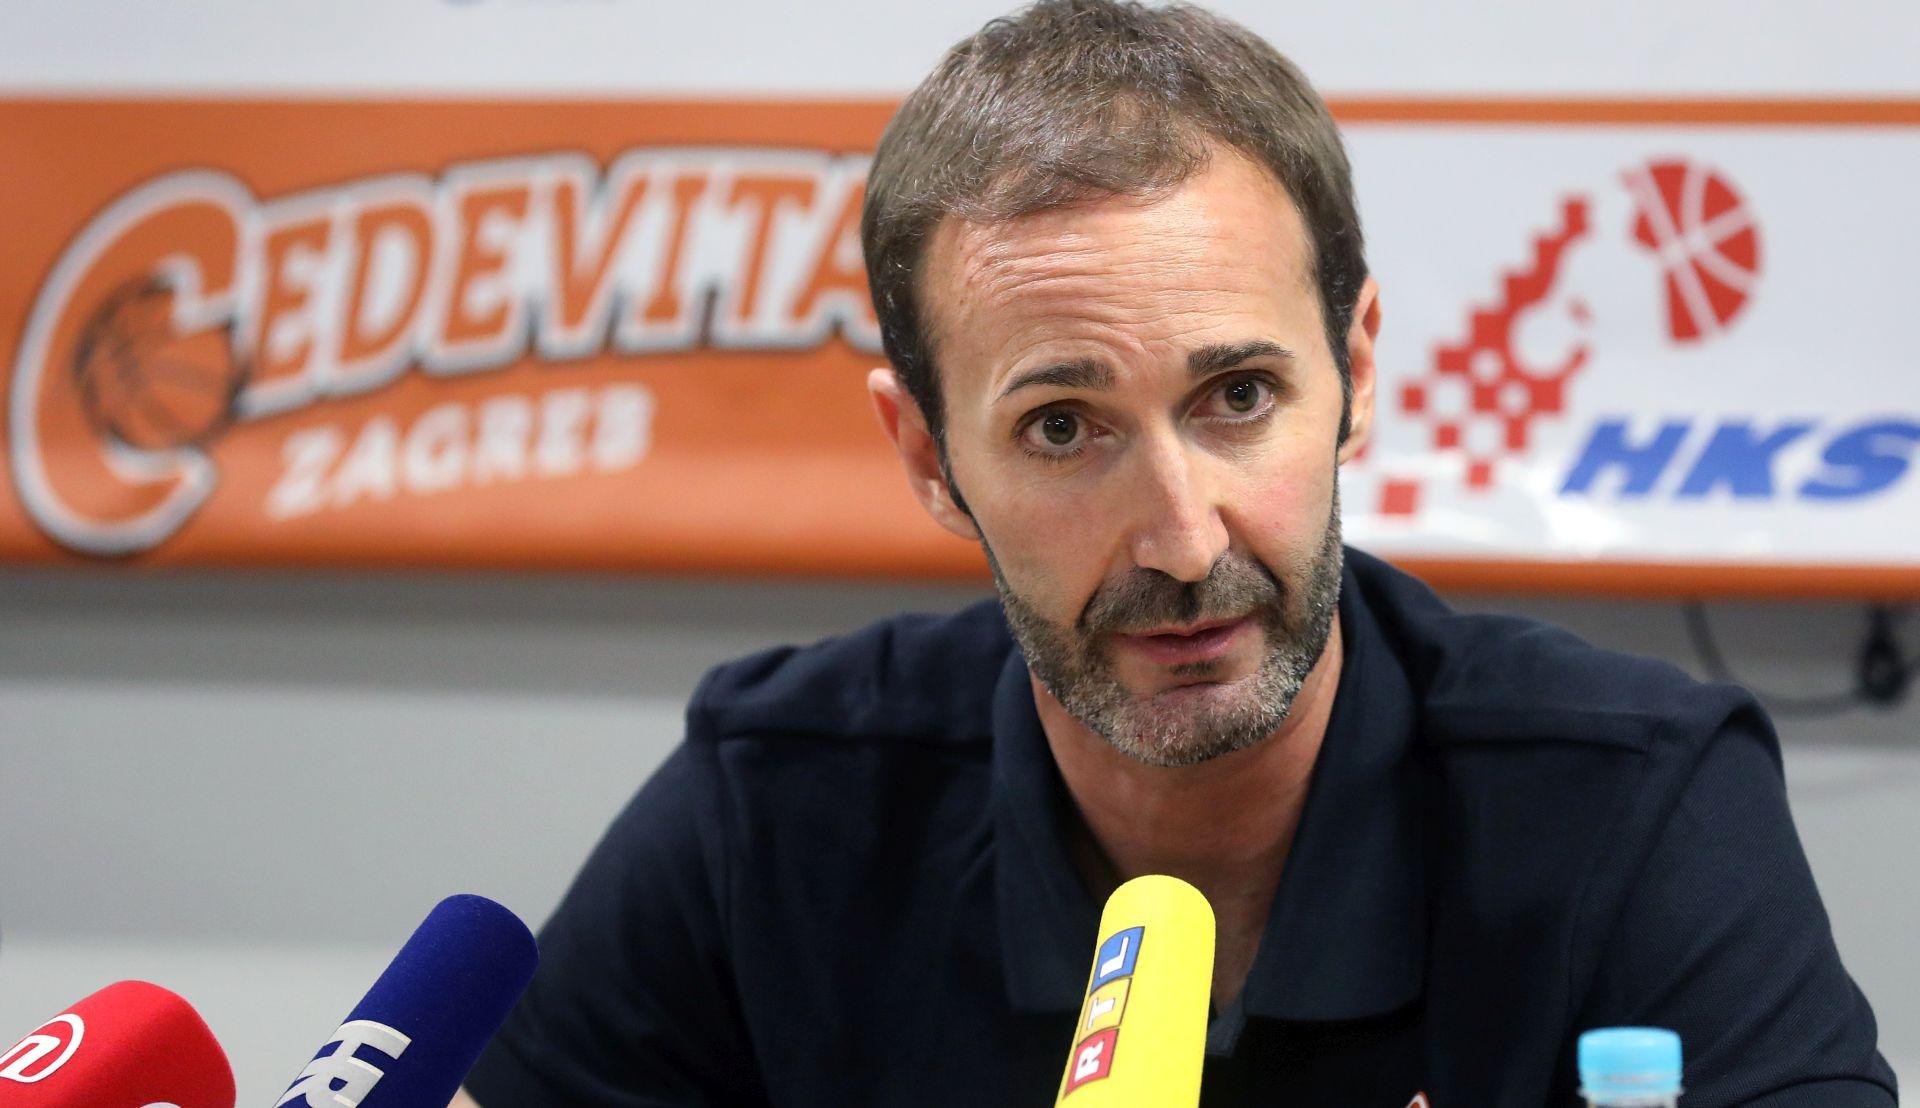 KK CEDEVITA Predstavljen novi trener Sito Alonso